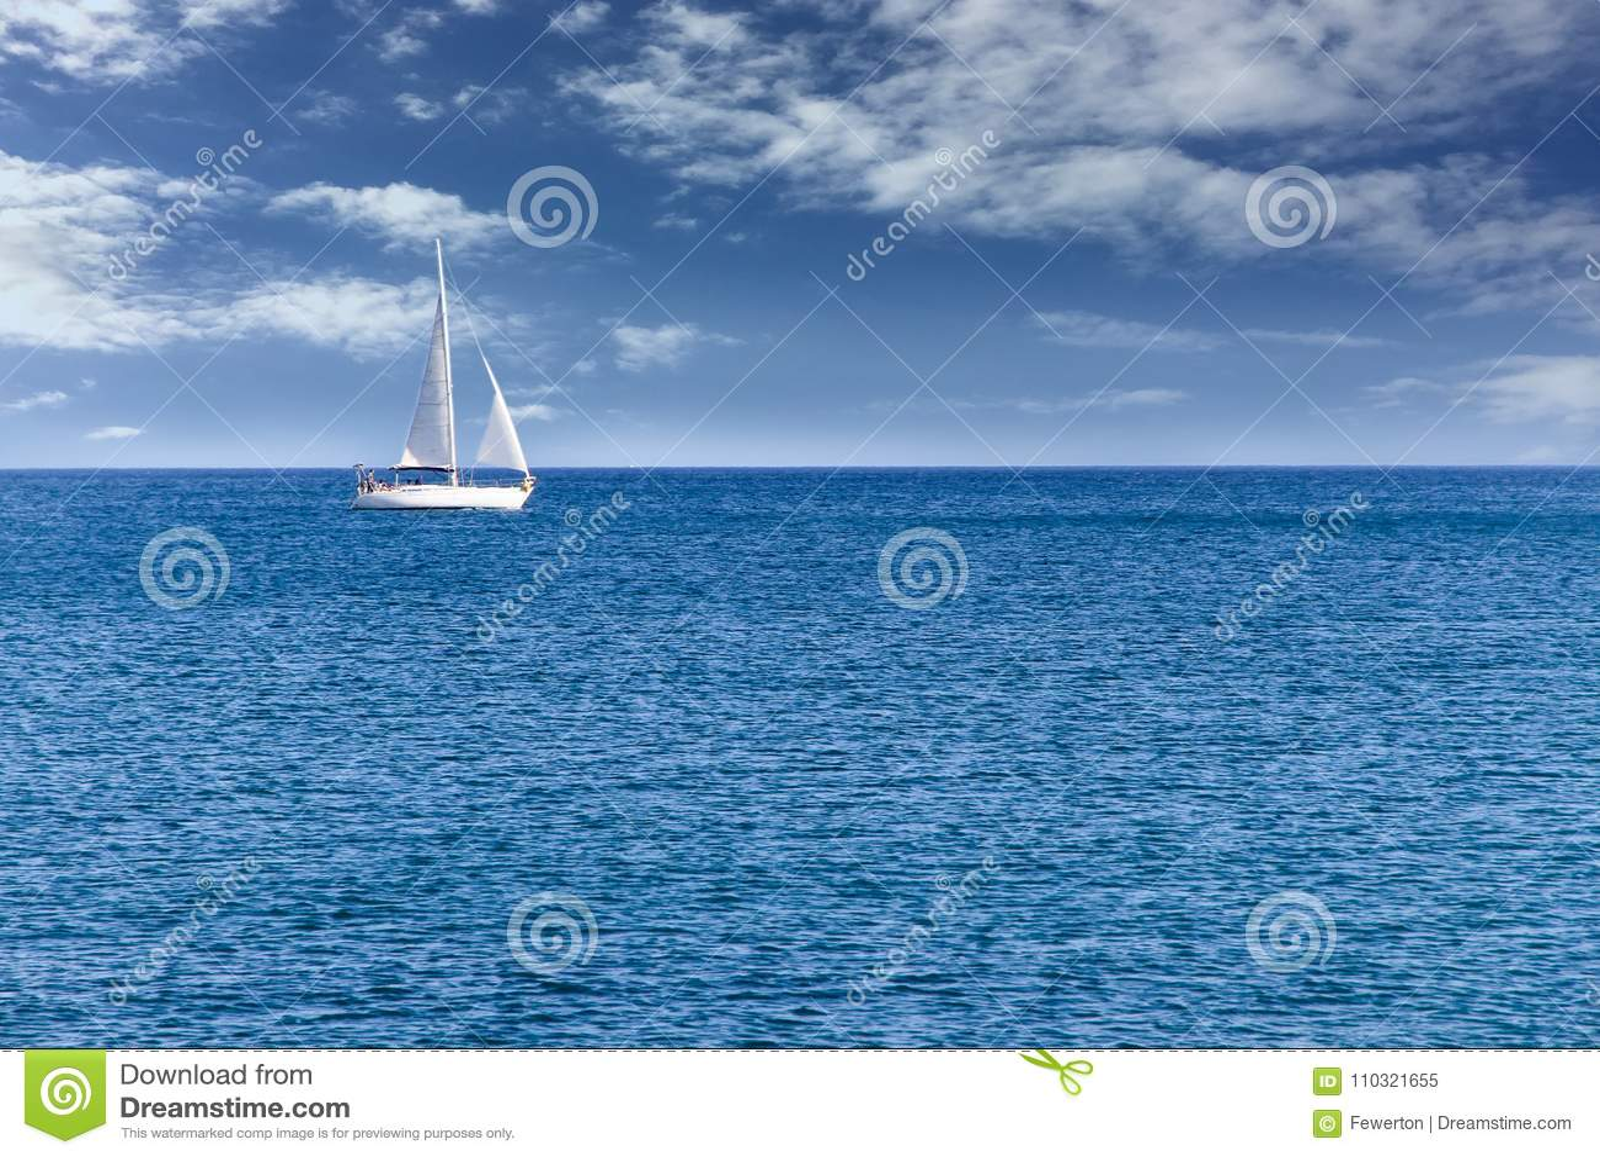 Jachtzeilboot die alleen op kalme blauwe zeewaters op een mooie zonnige dag met blauwe hemel en witte wolken varen